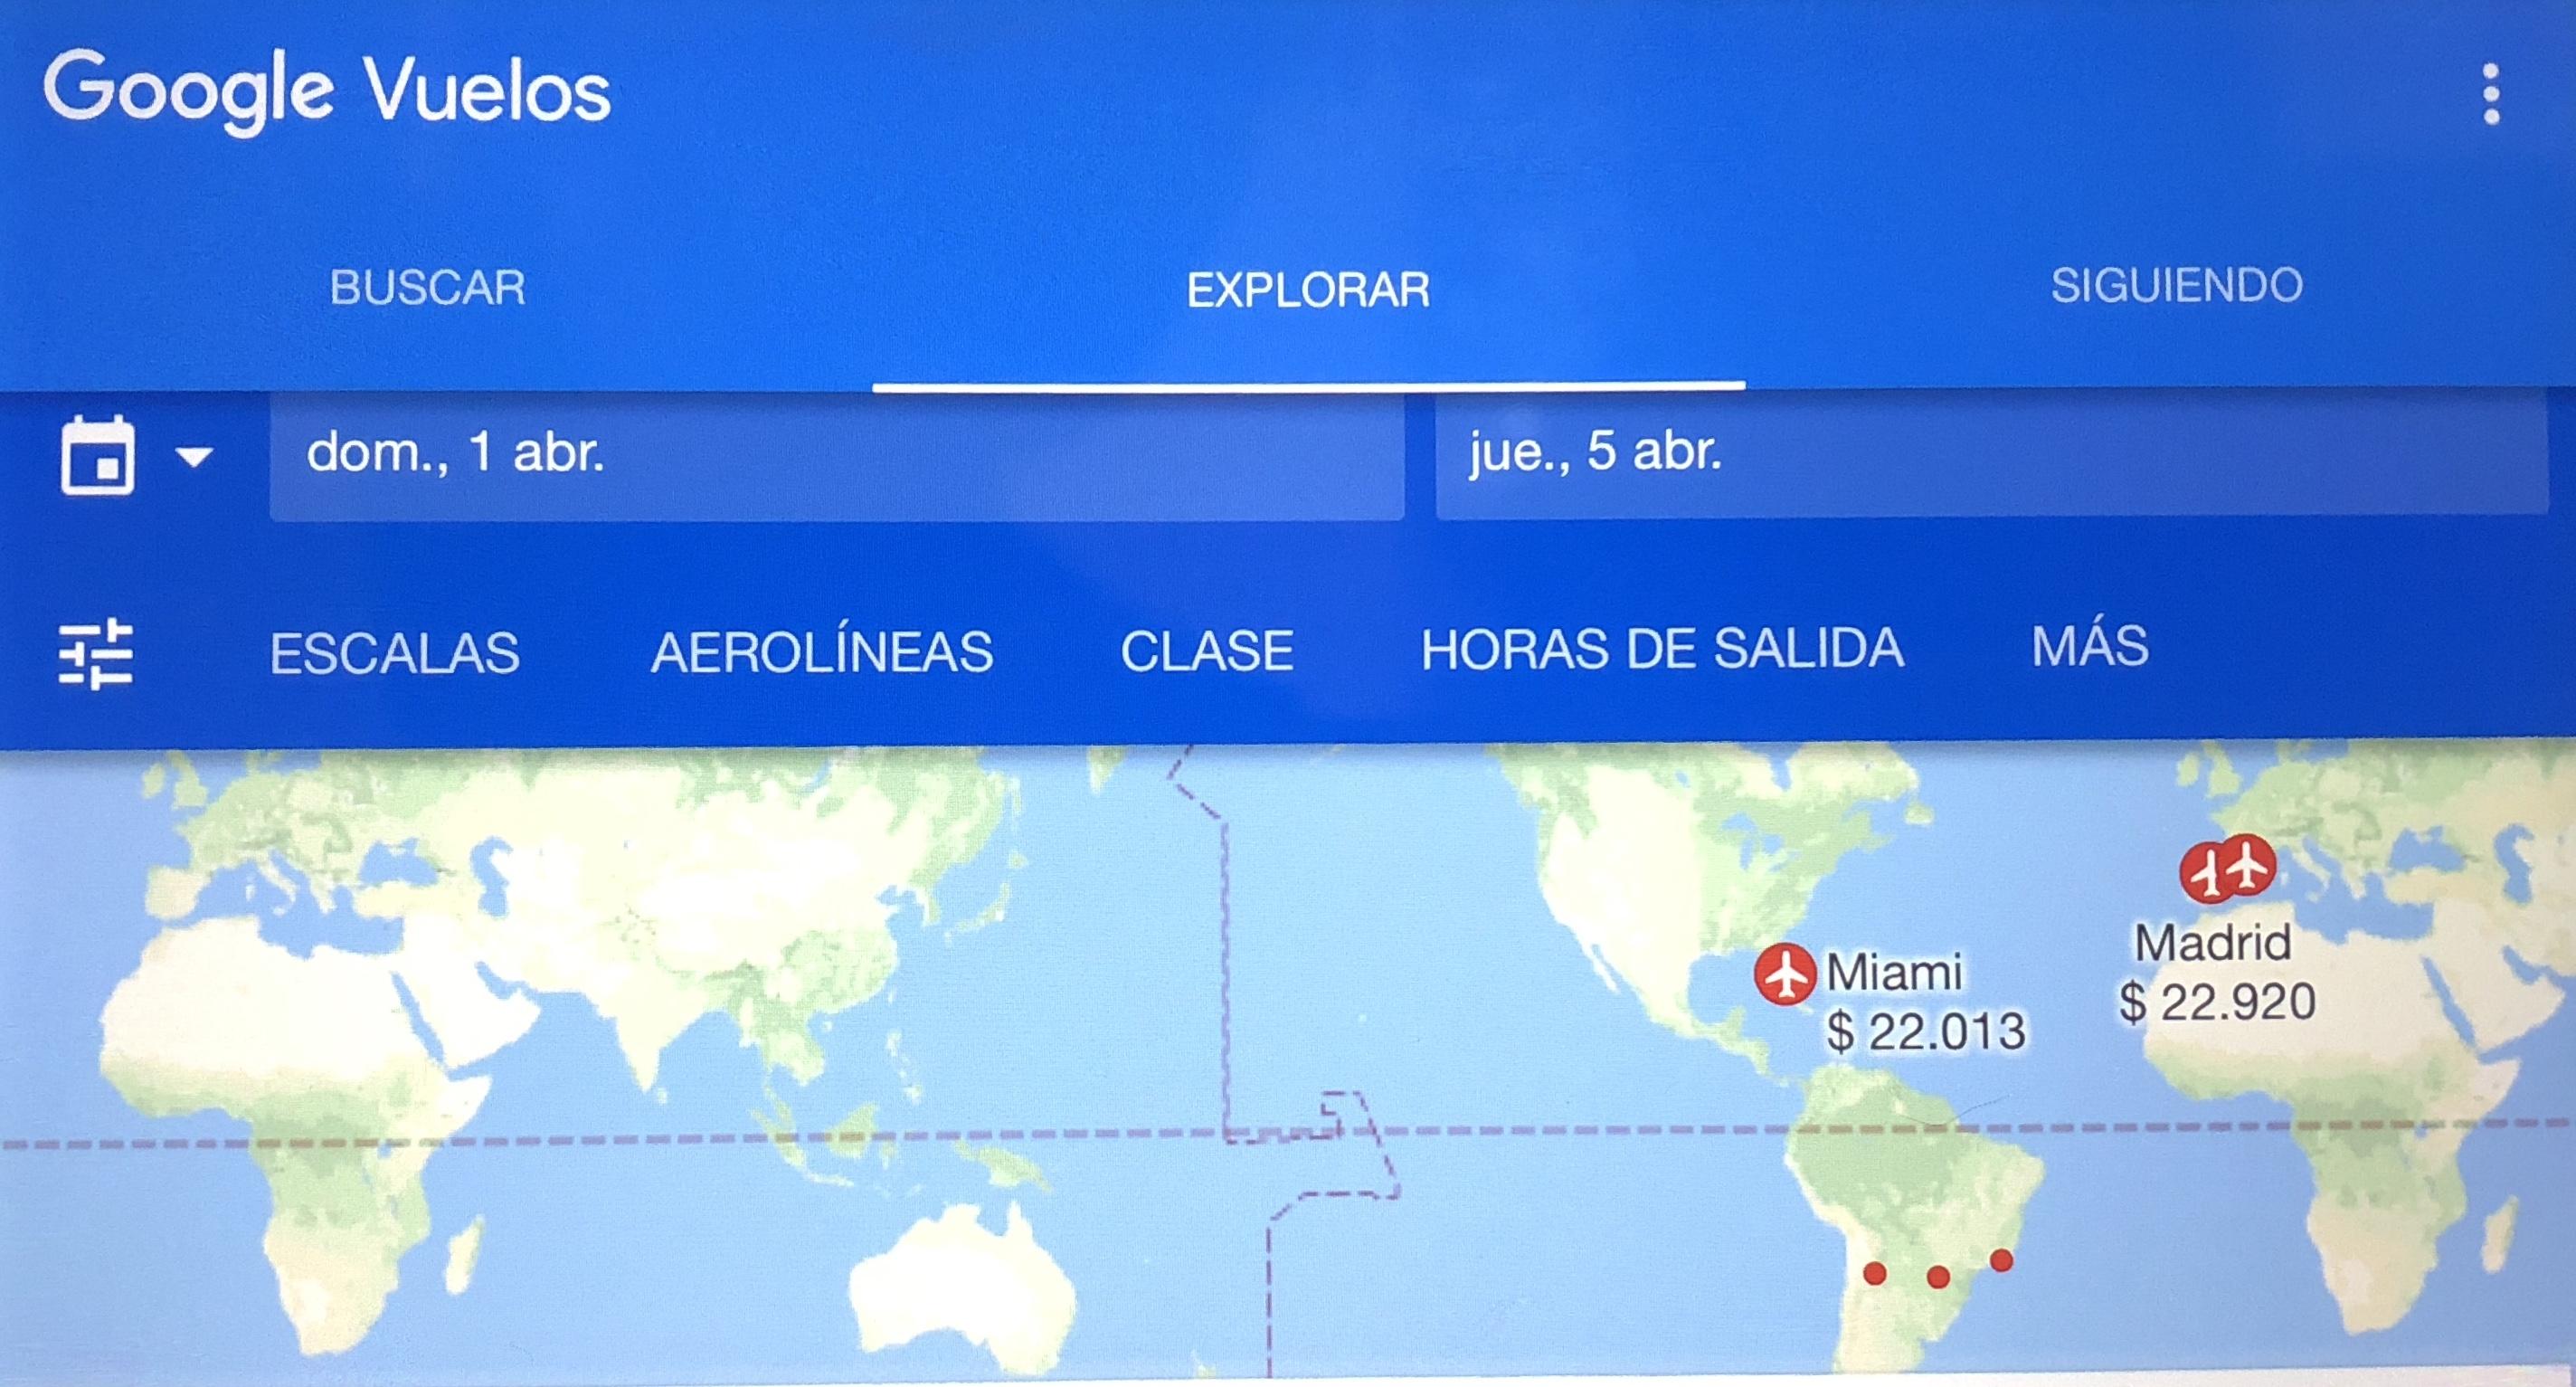 Llegó Google Flights, para comparar y comprar pasajes al mejor precio